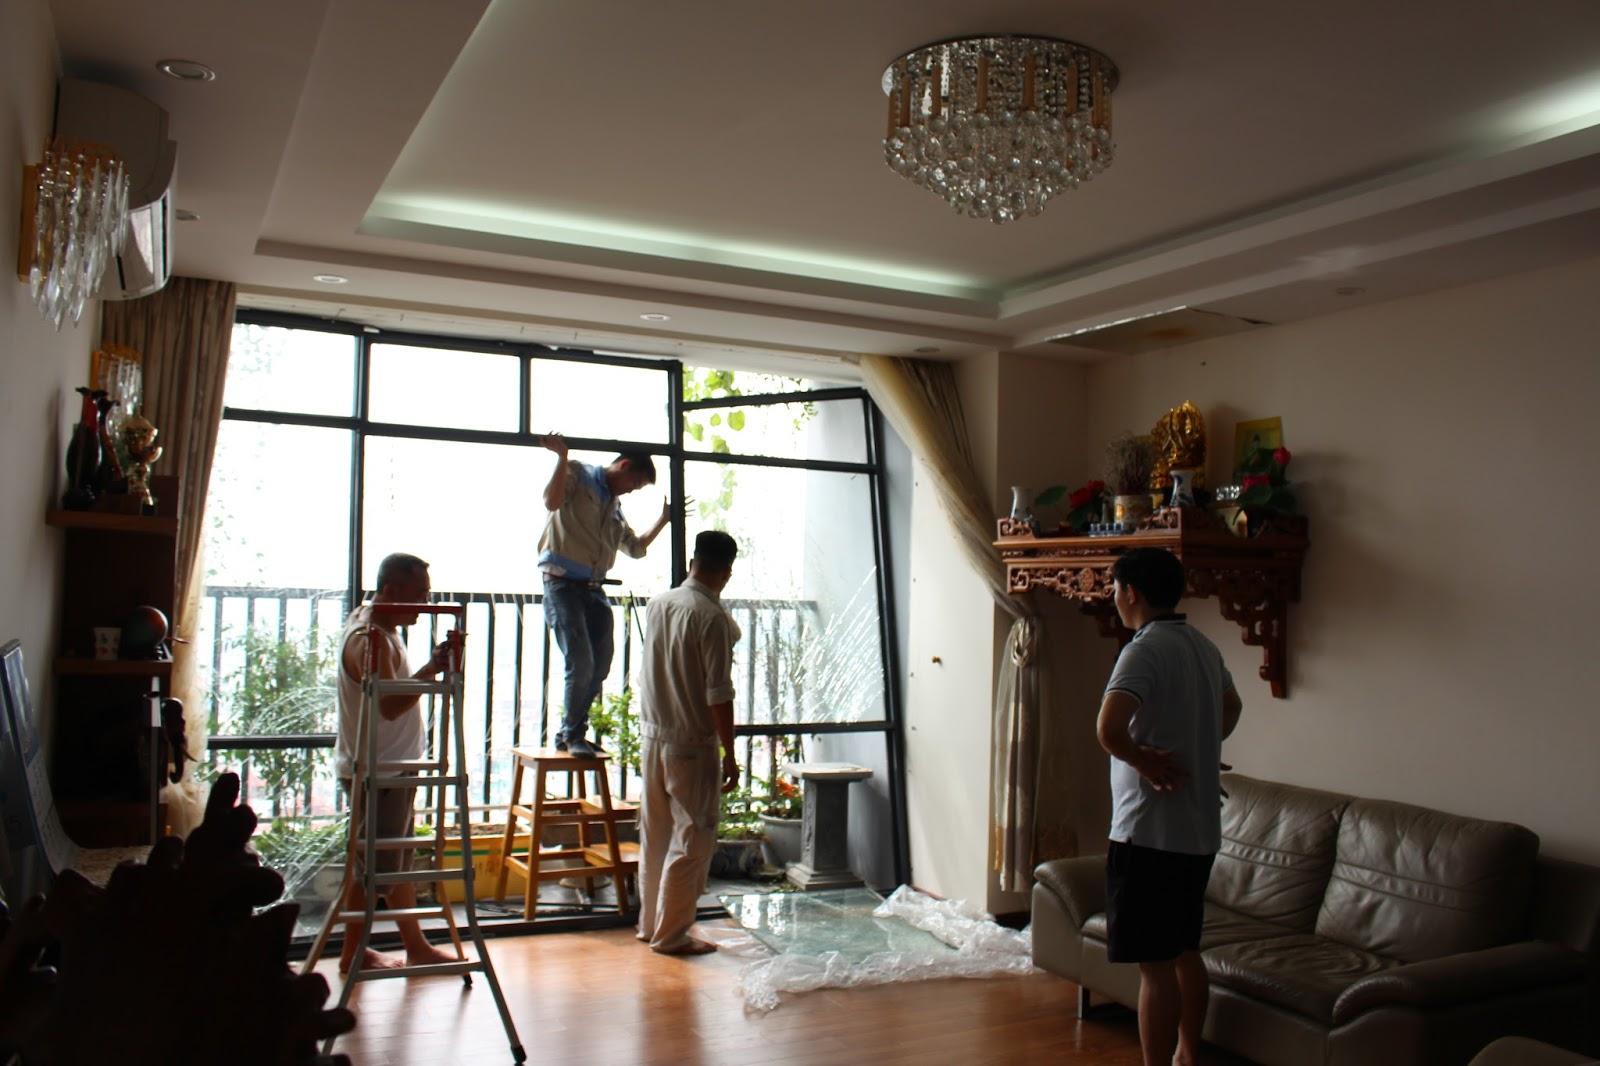 Dịch vụ cải tạo sửa chữa nhà tại Nội thất Tân Đại Minh